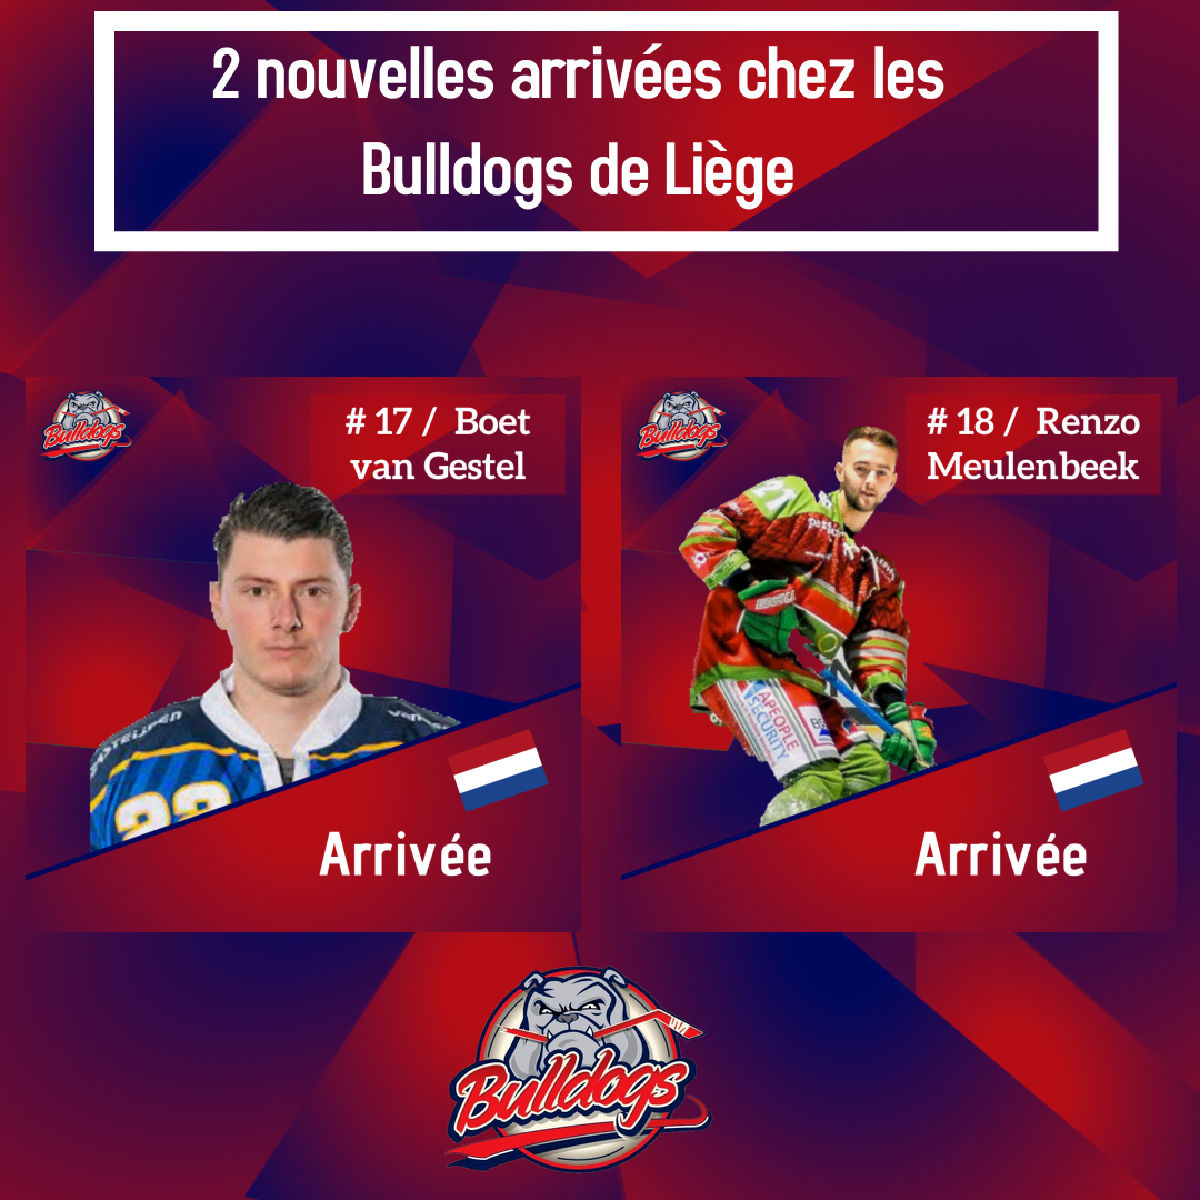 Infos transferts - 2 nouvelles arrivées chez les Bulldogs de Liège